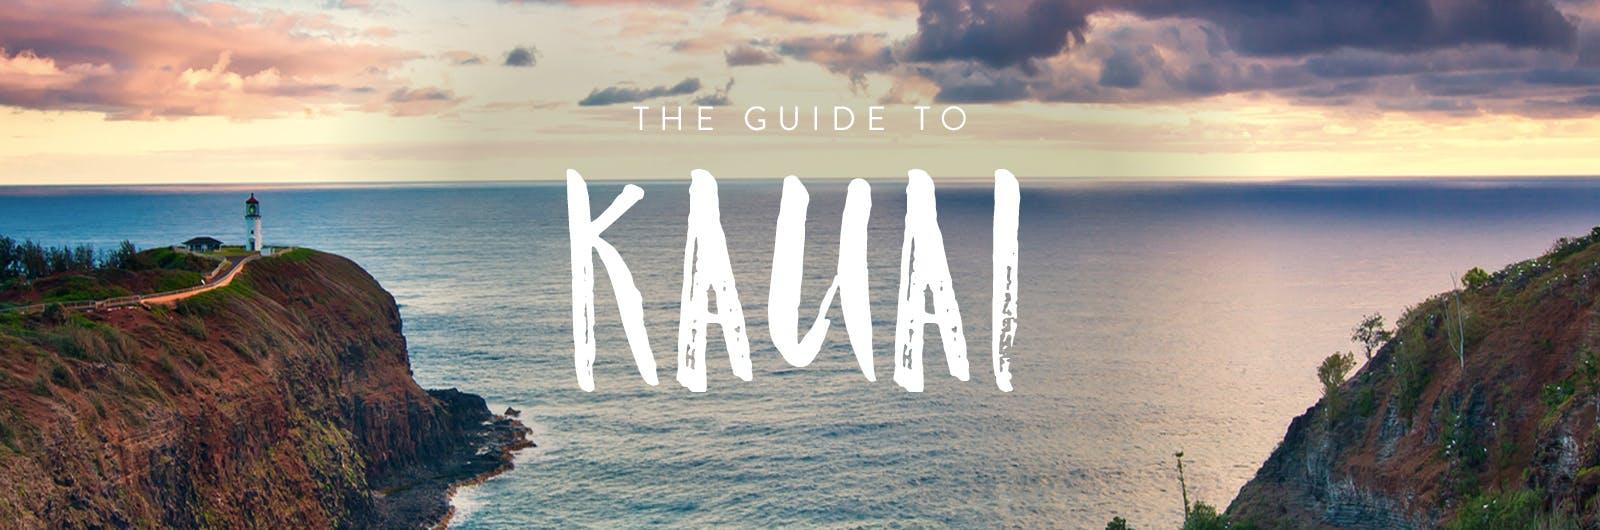 kauai head